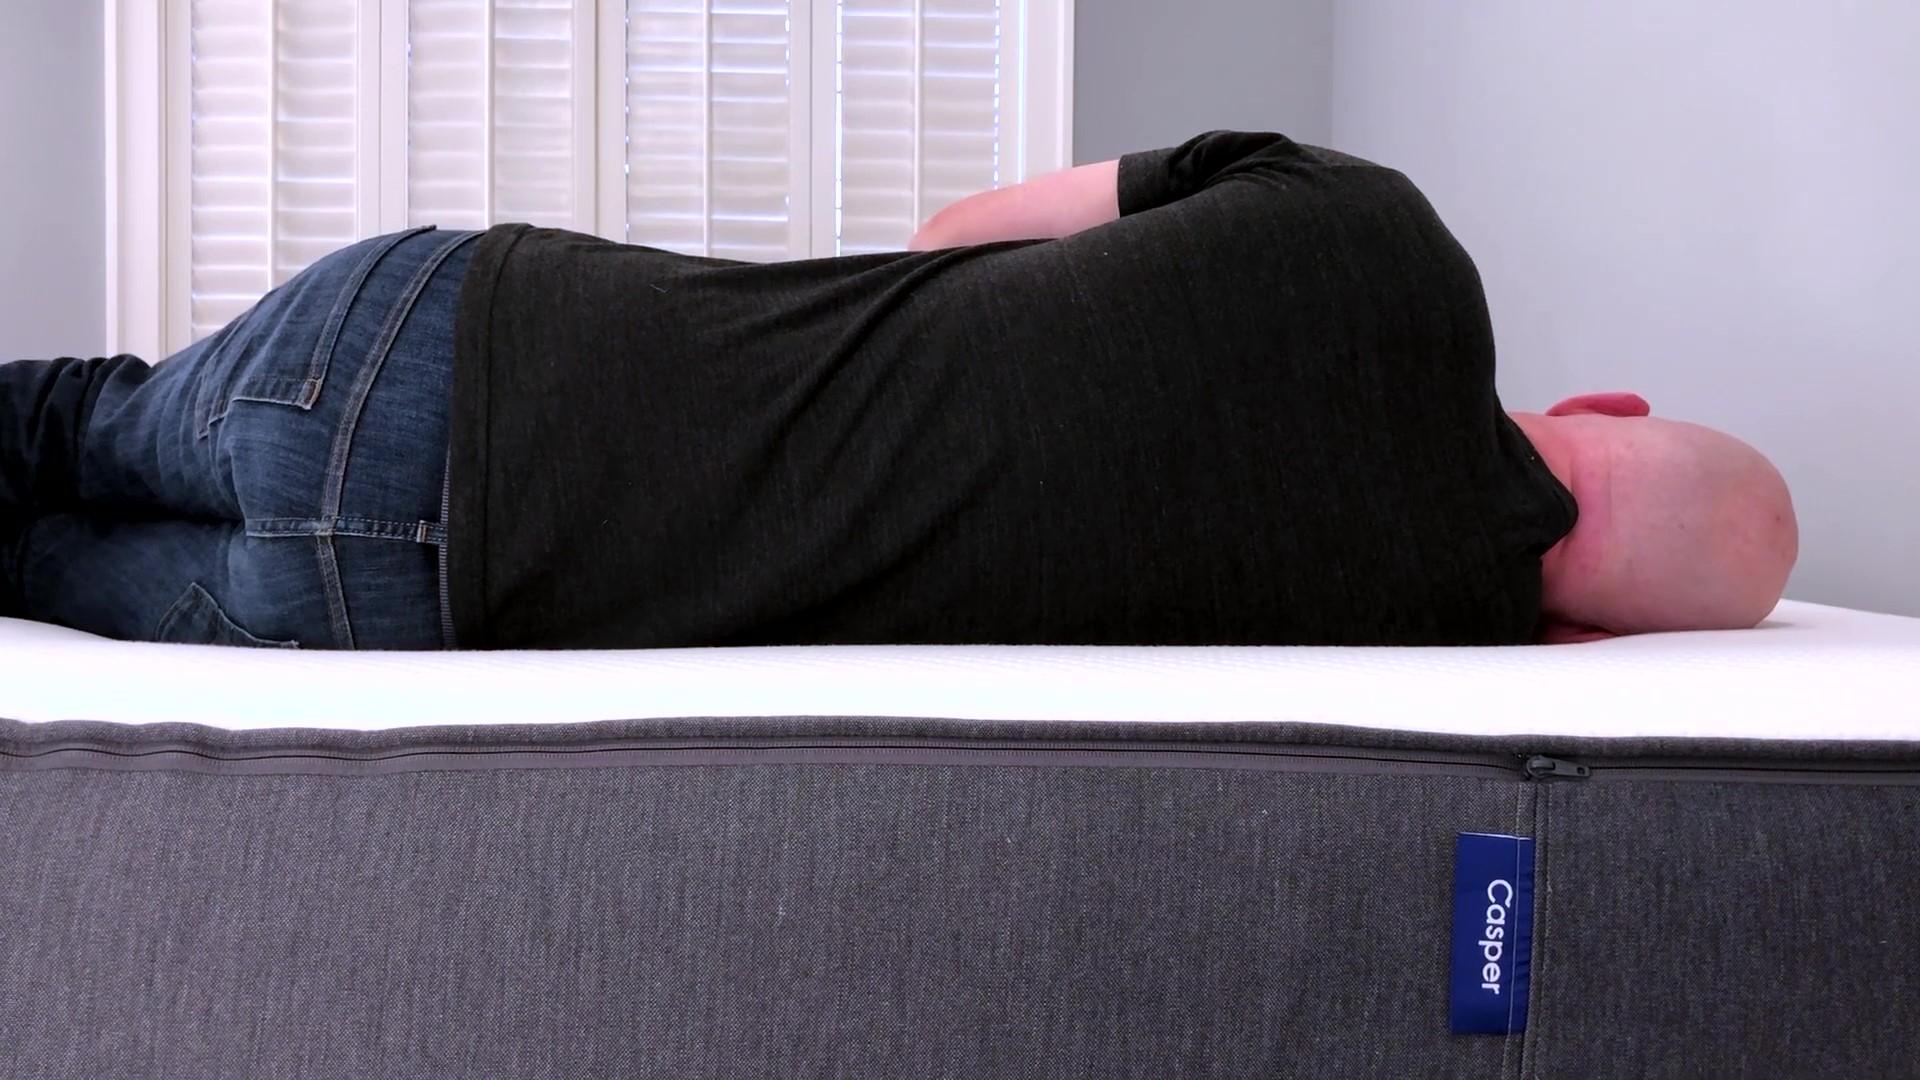 Casper Mattress Side Sleeping